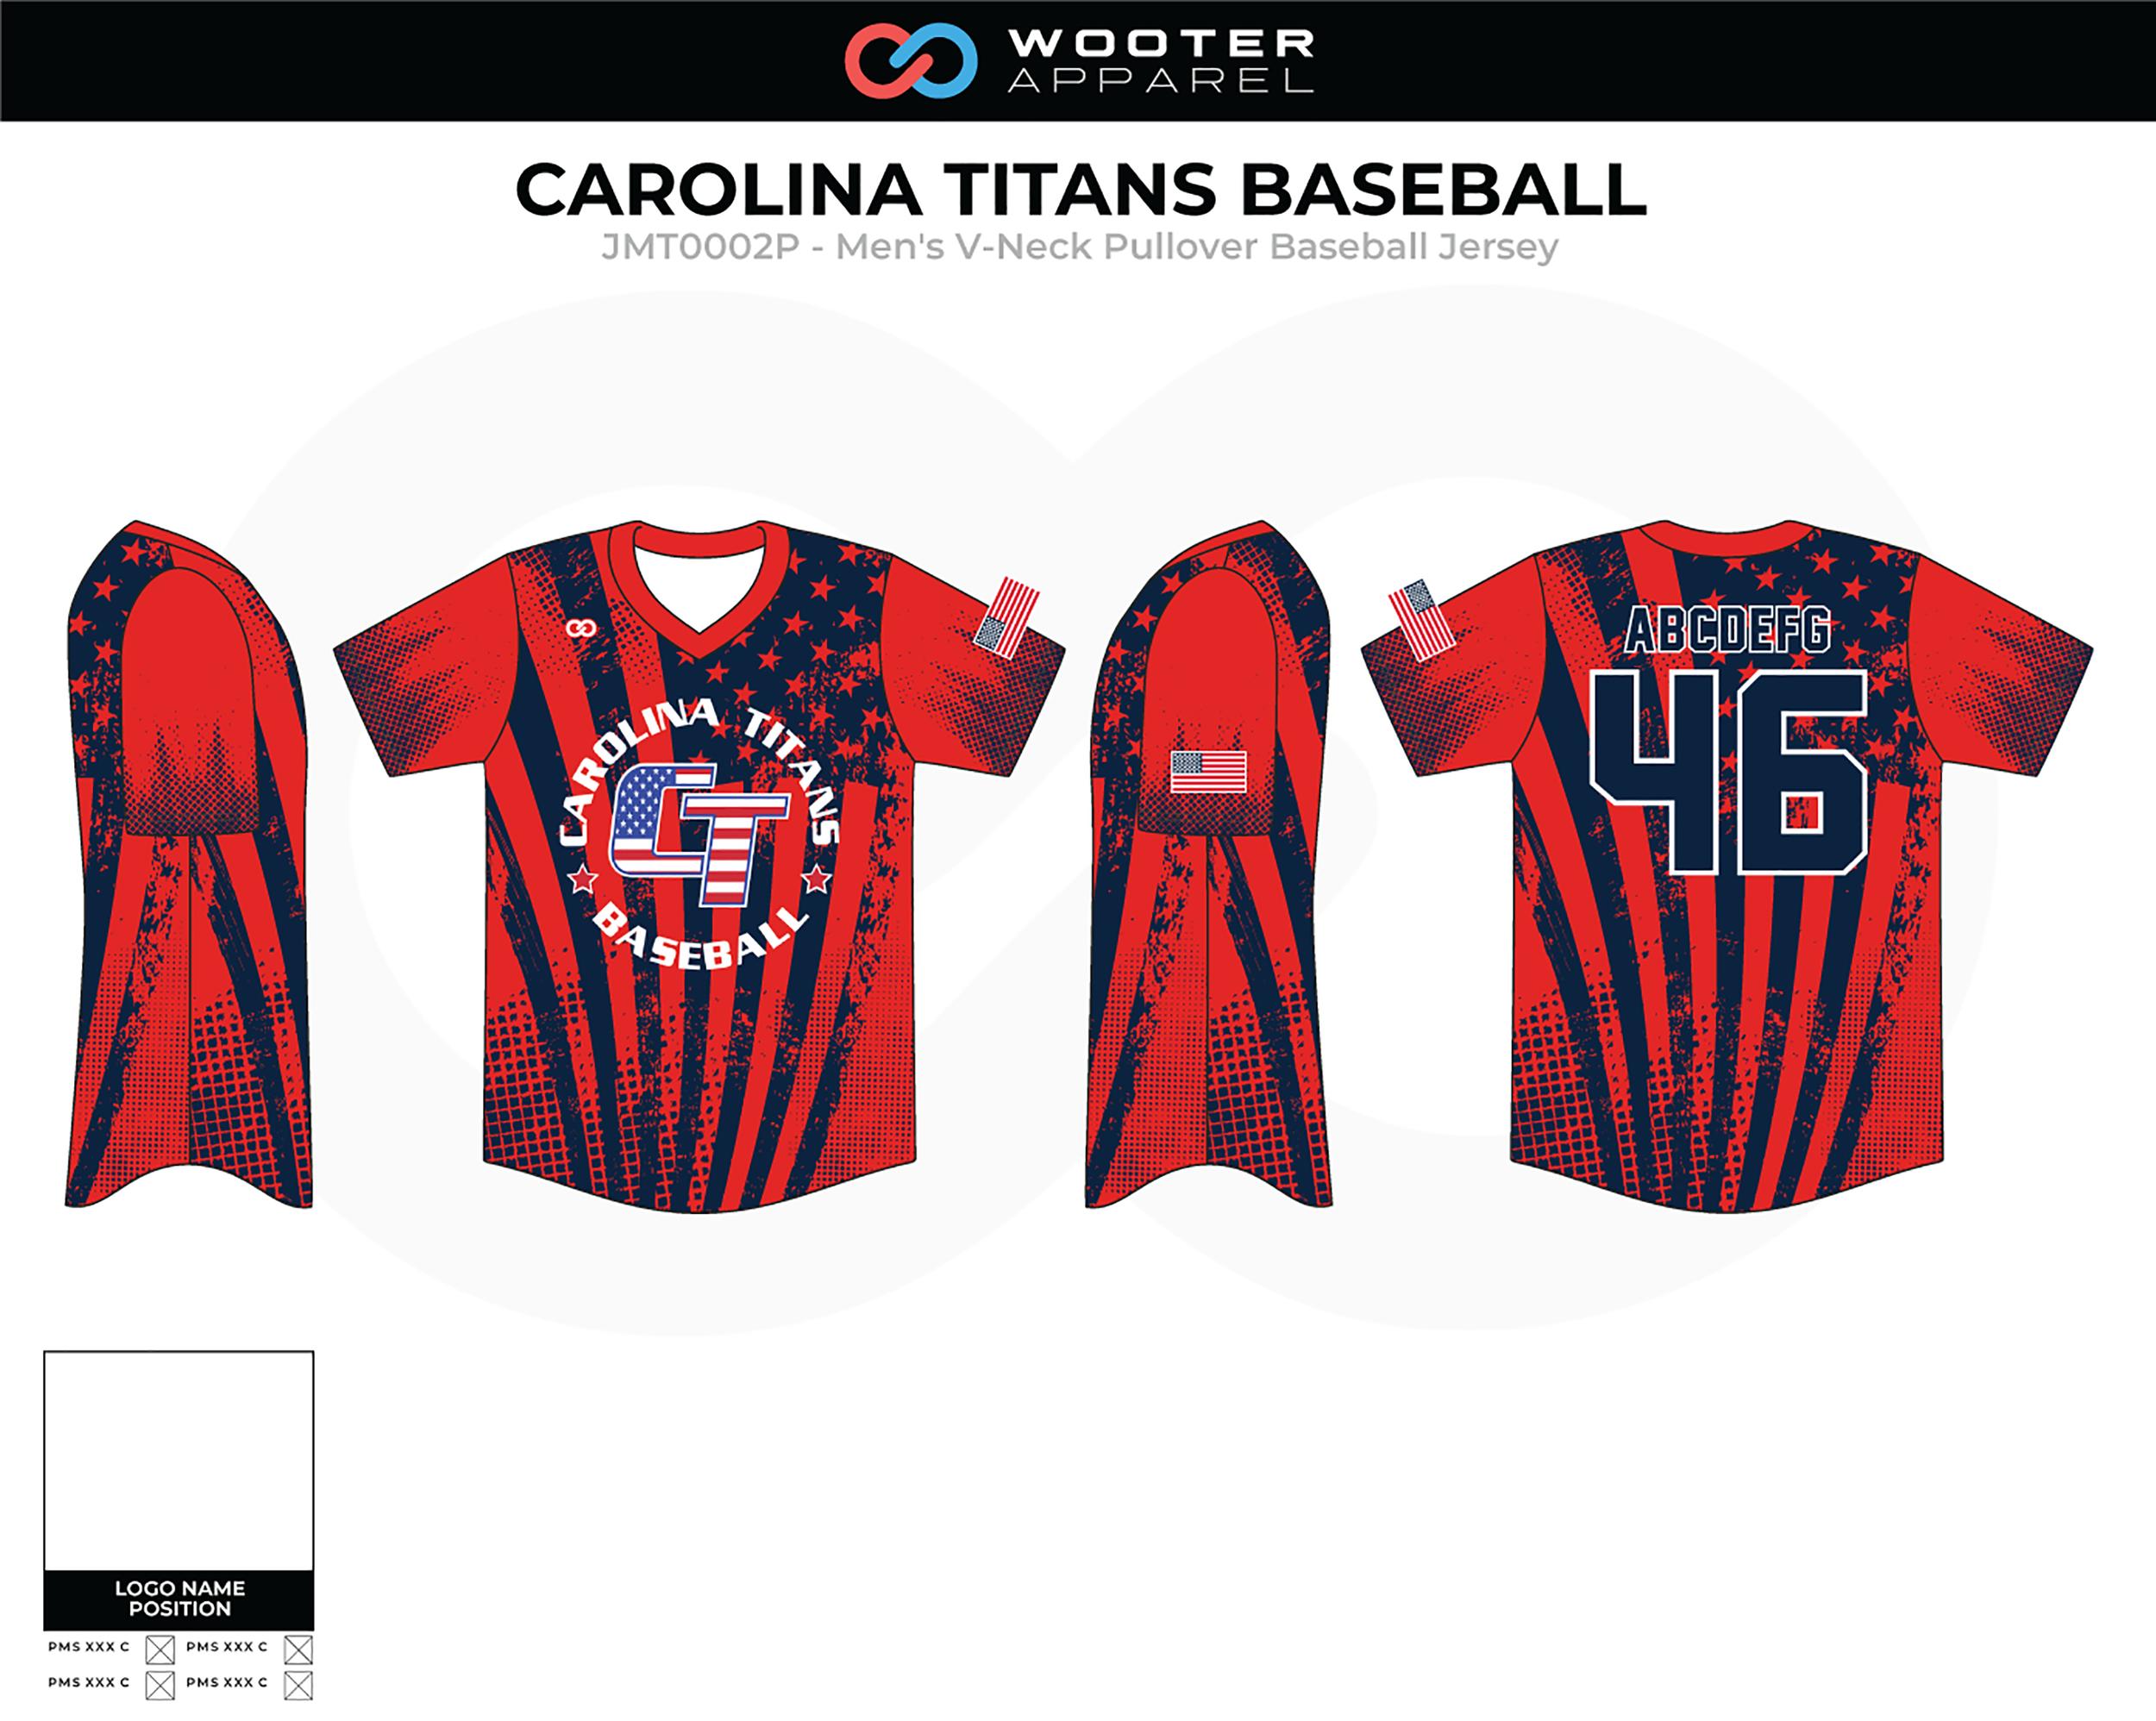 CarolinaTitansBaseball_MockupV1.png